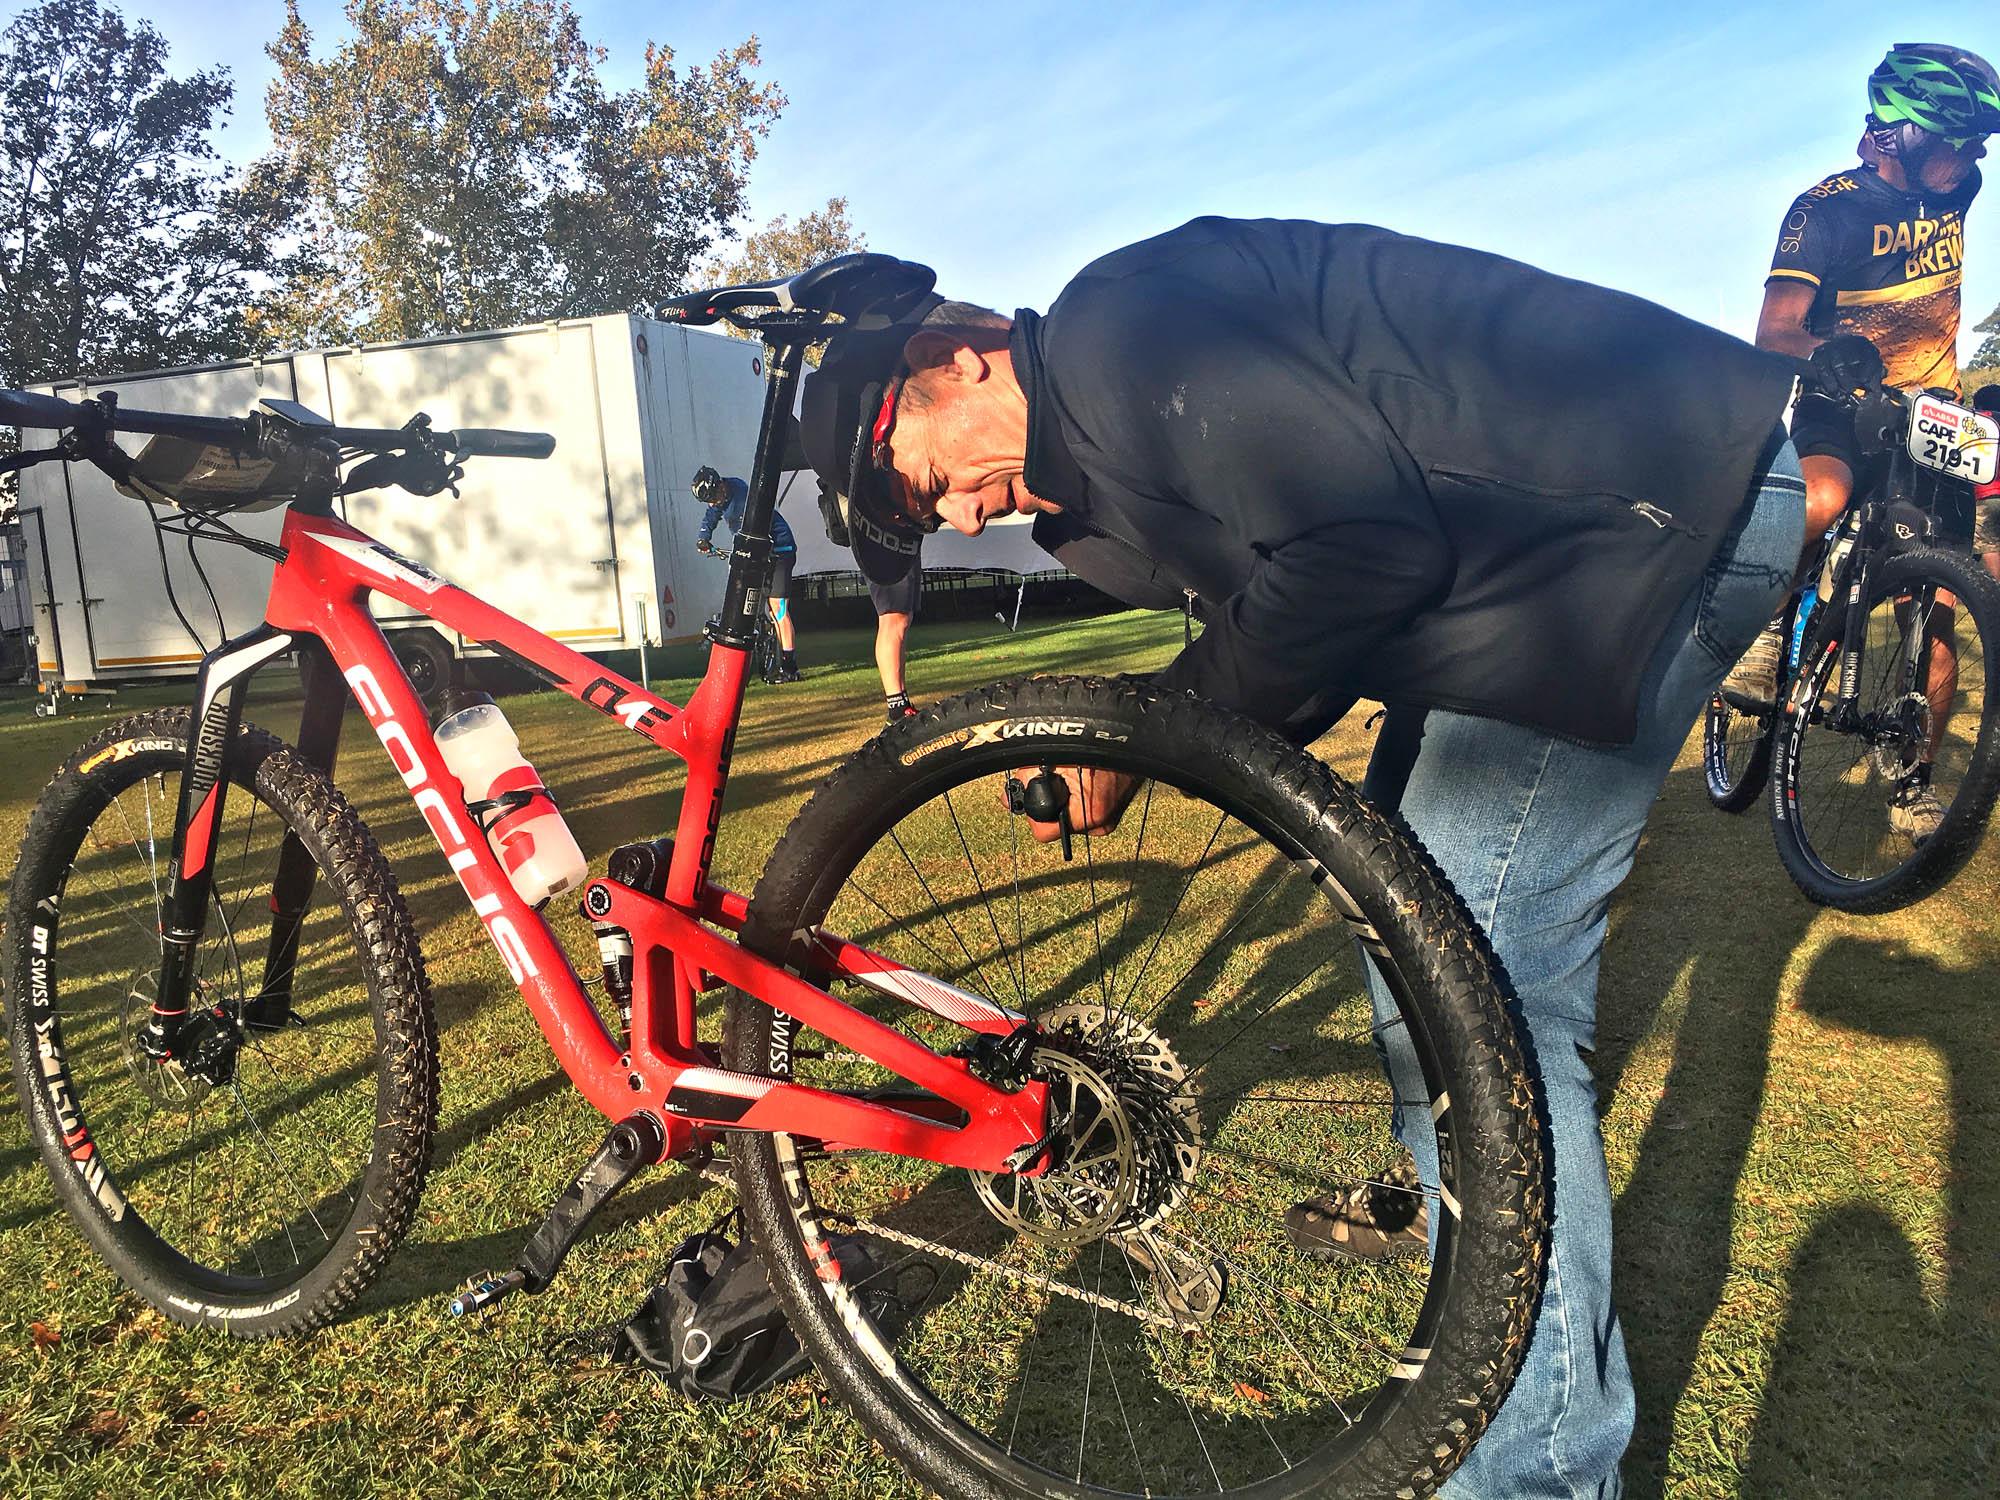 Unser Teambetreuer pumpt die Reifen unserer Mountainbikes auf.